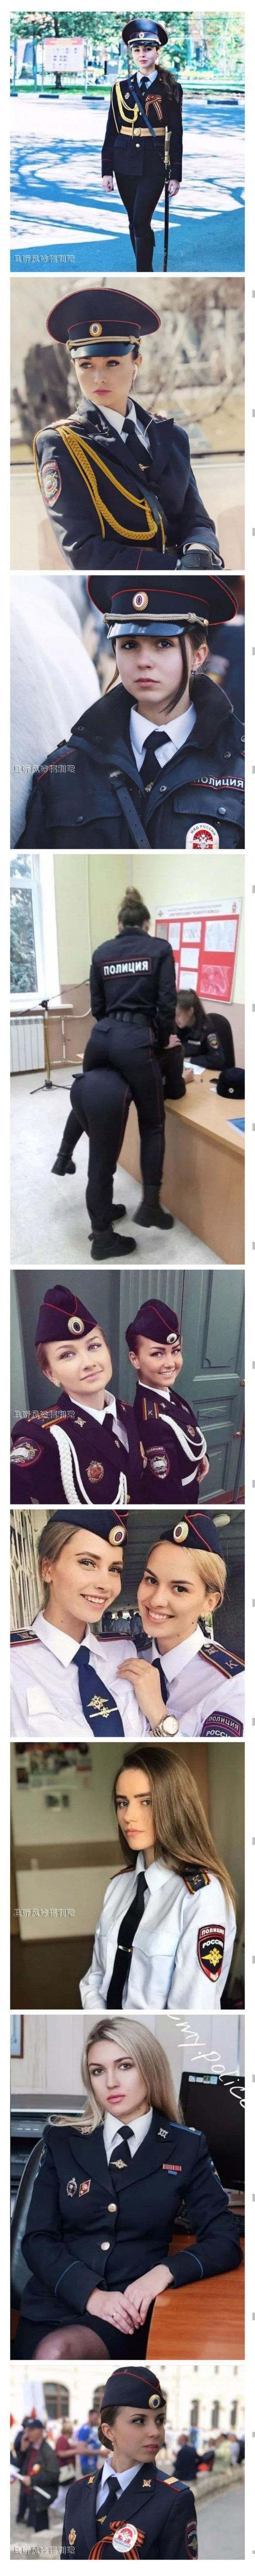 俄罗斯女警